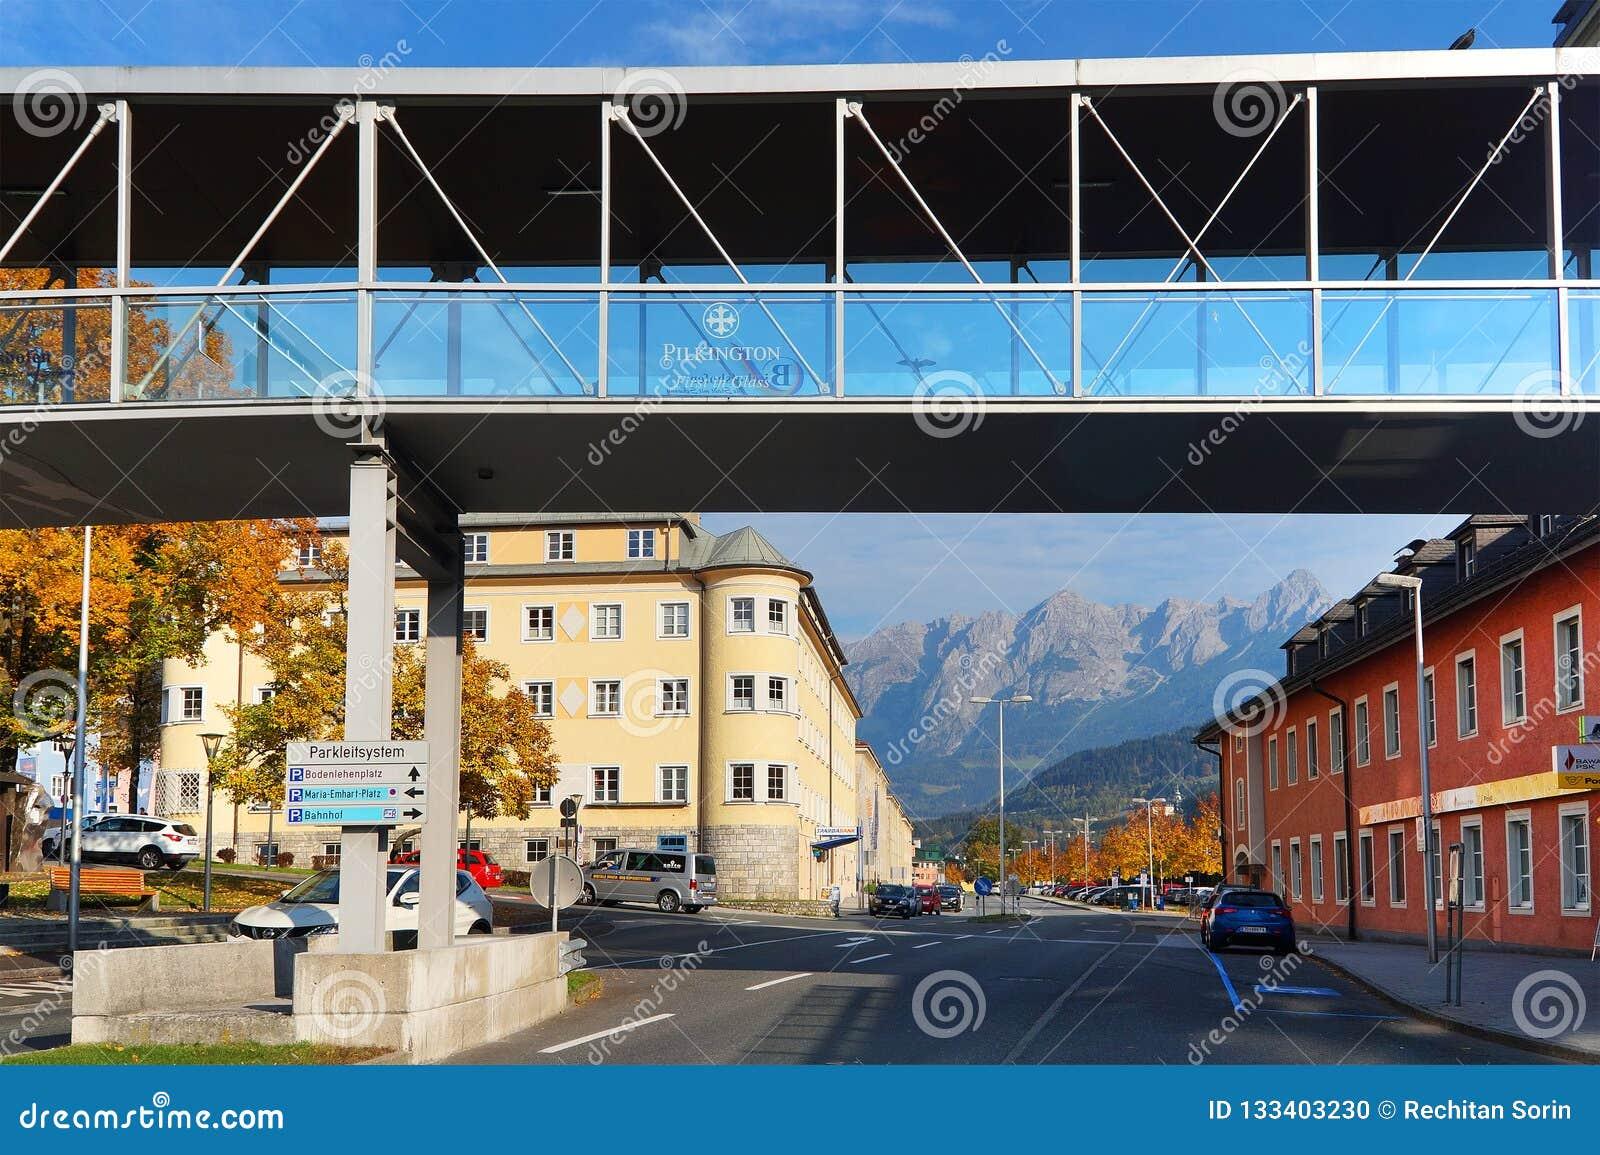 Arhitectural detail in Bischofshofen town in an autumn day.